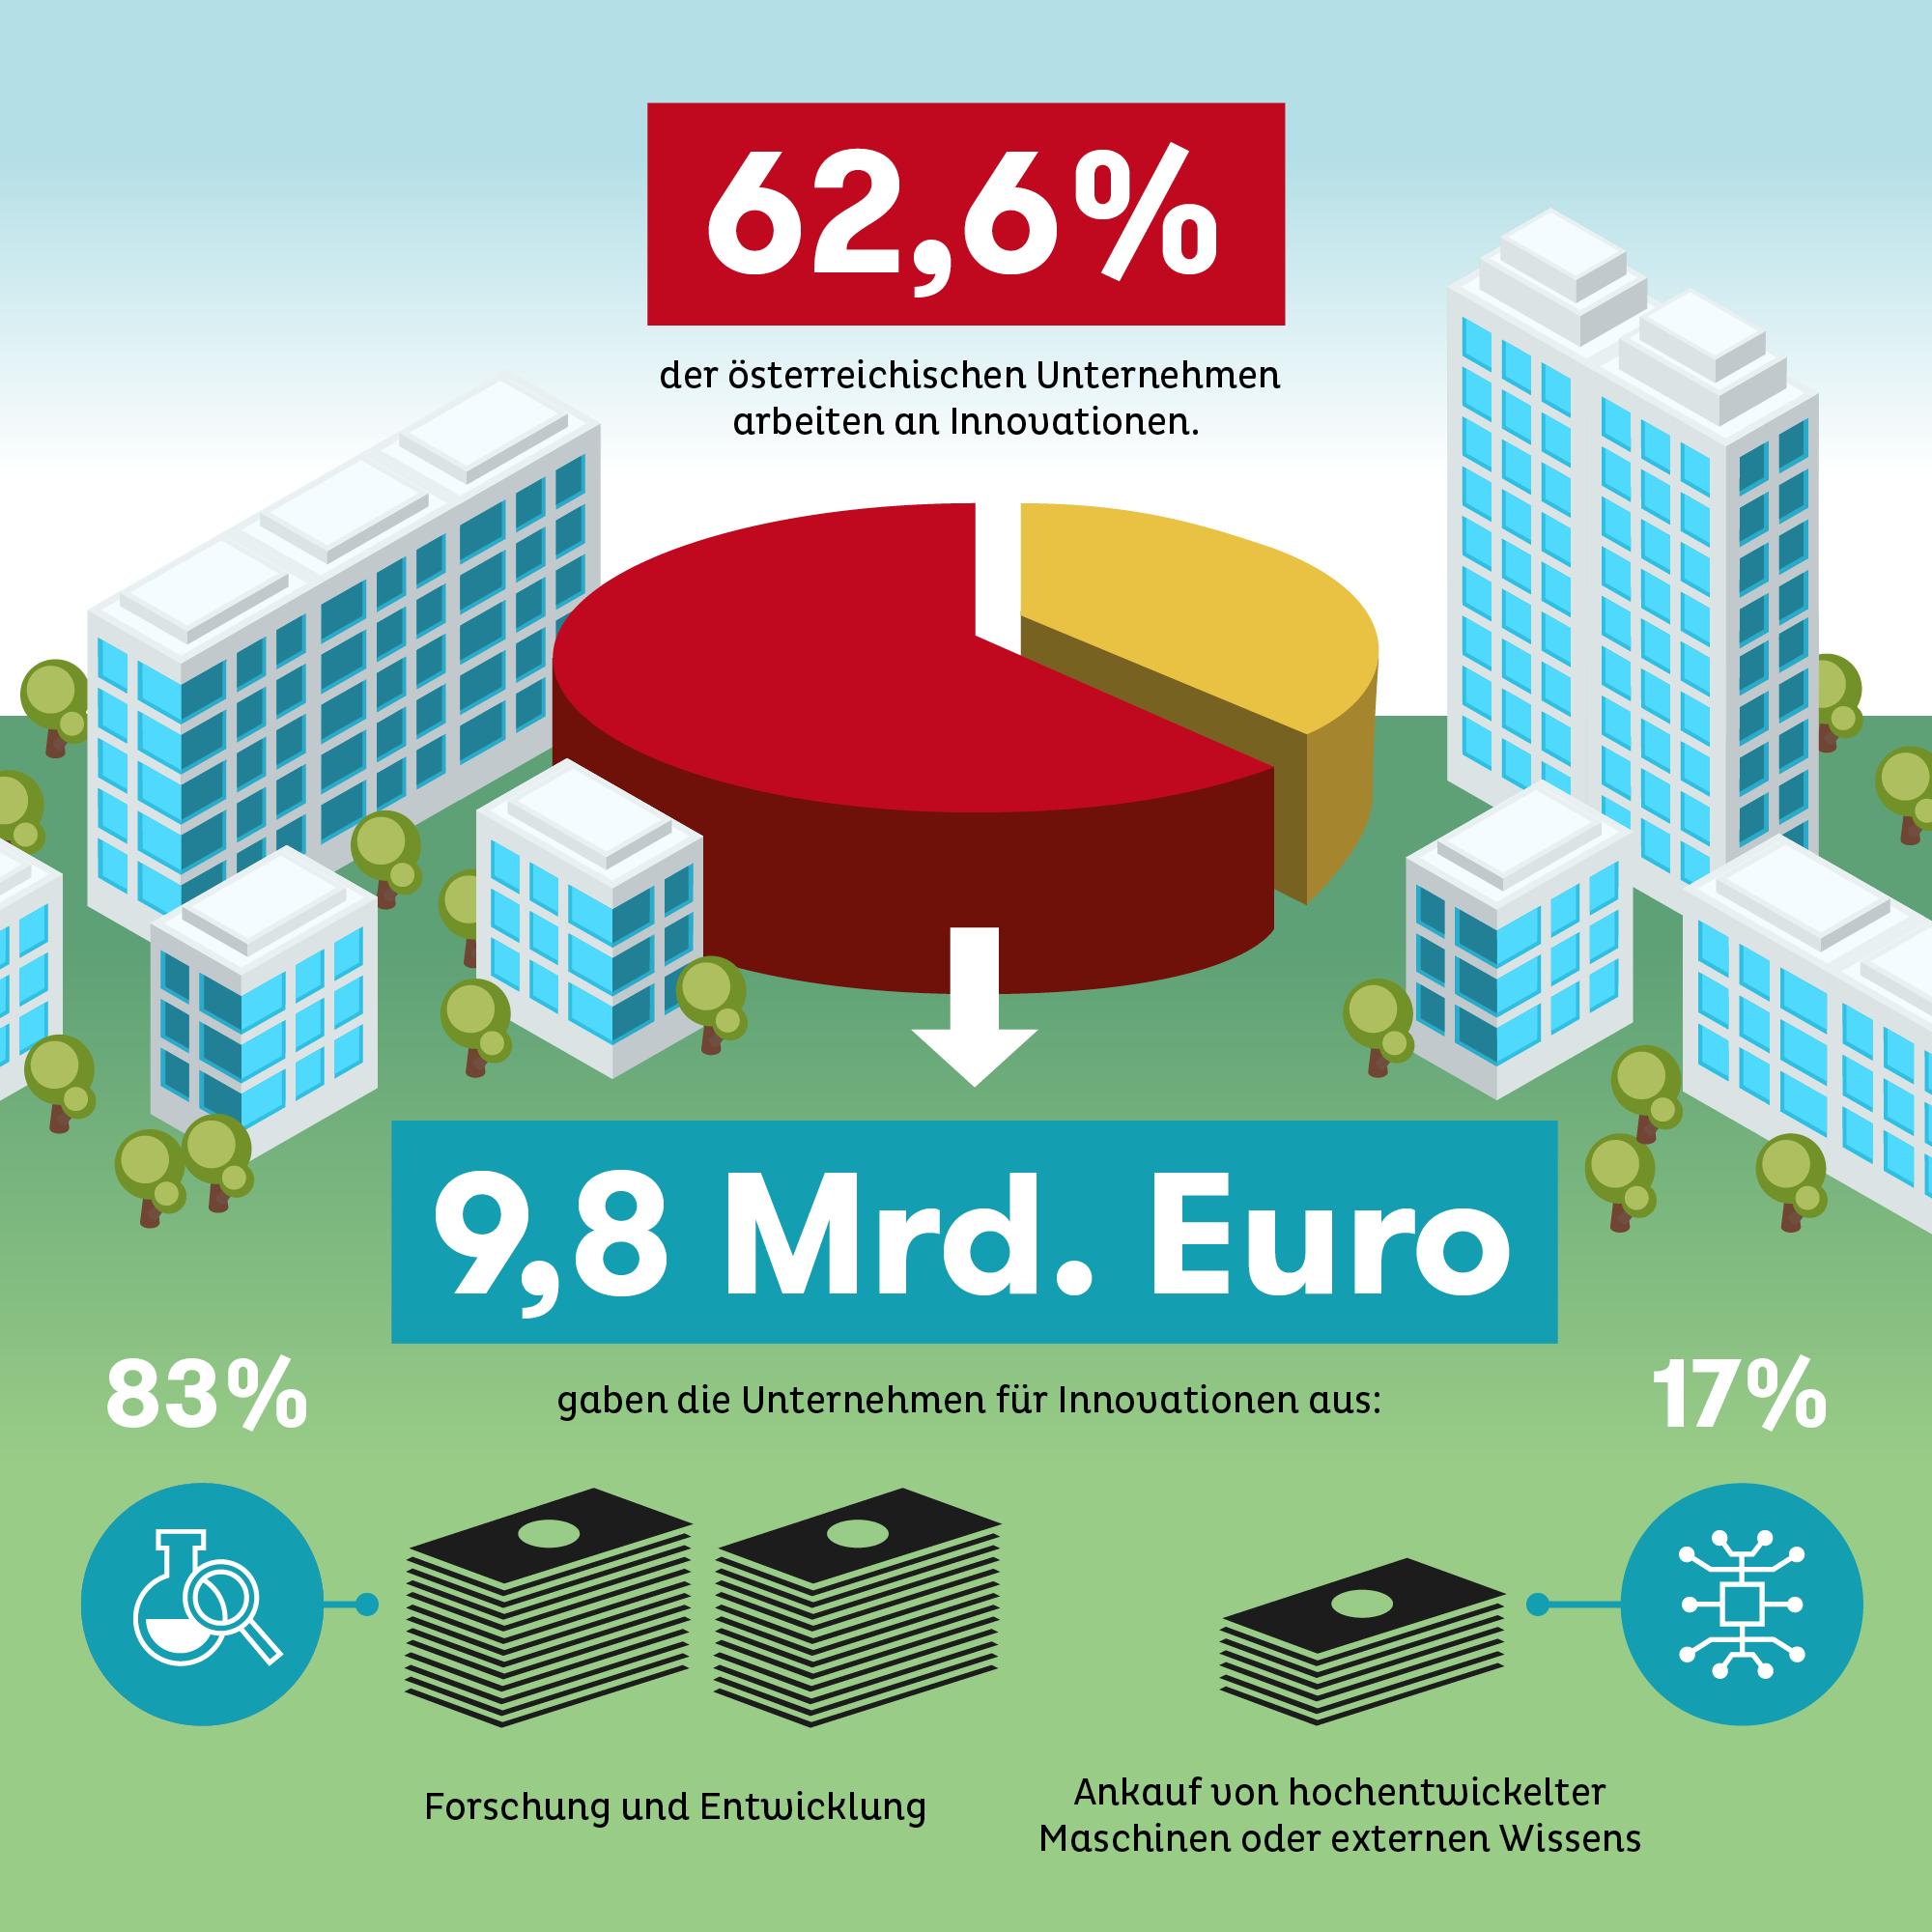 Innovation in Österreich: Unternehmen investieren vorrangig in Forschung und Entwicklung.